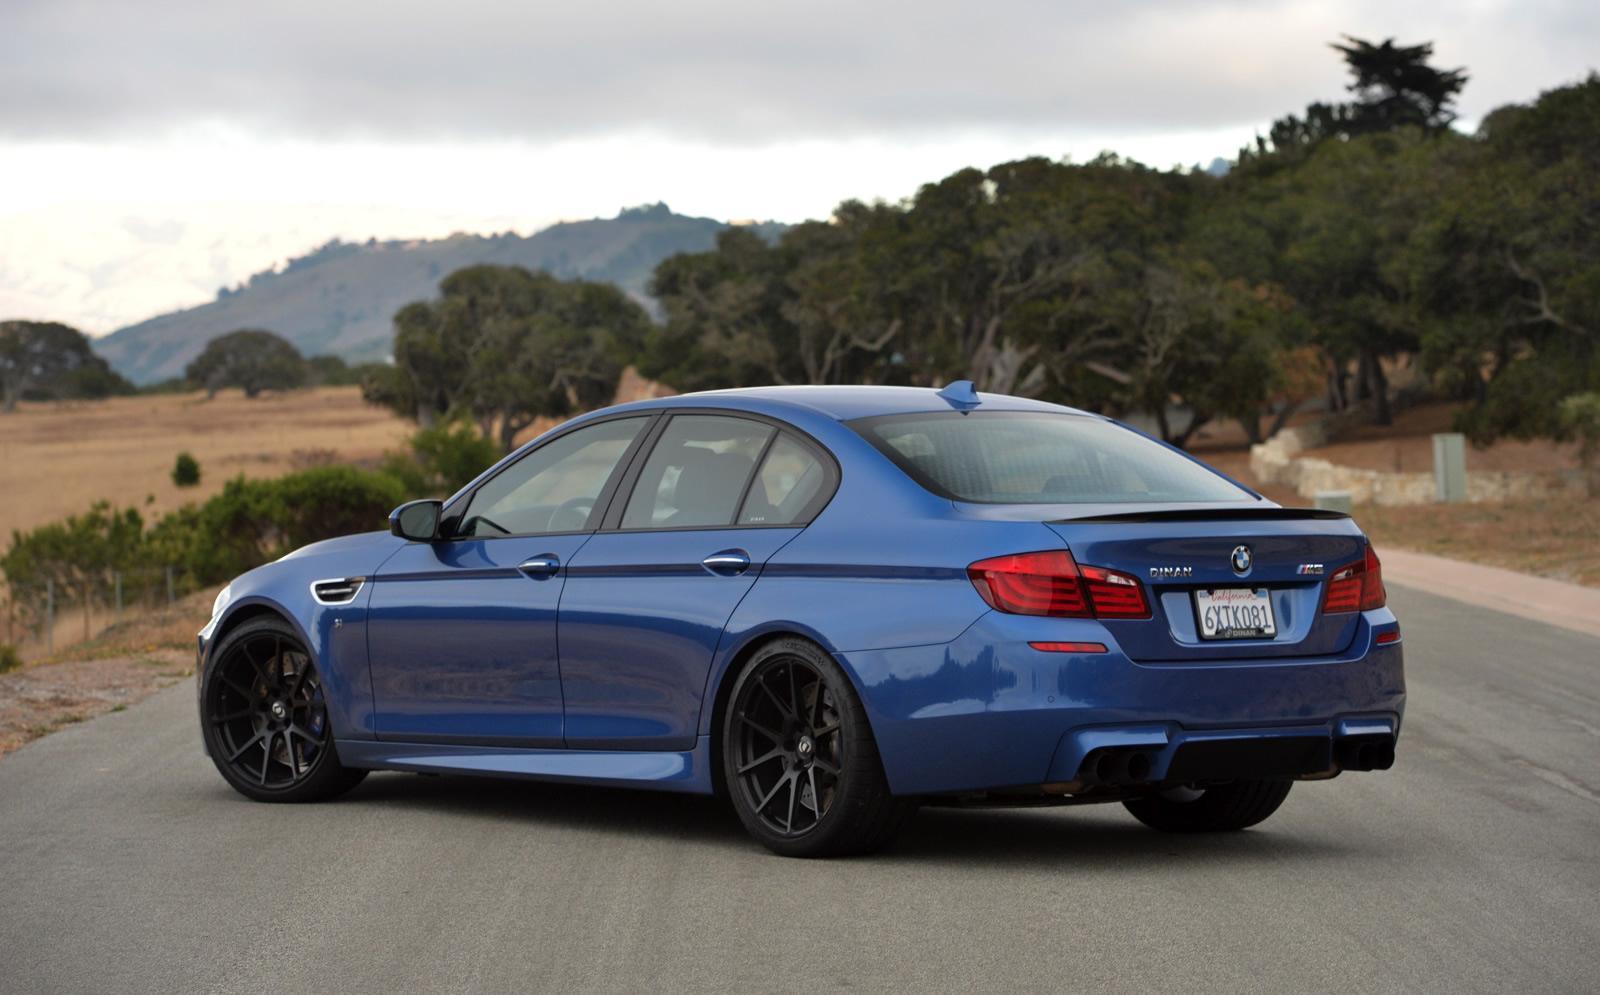 Foto de Dinan BMW M5 (2/13)